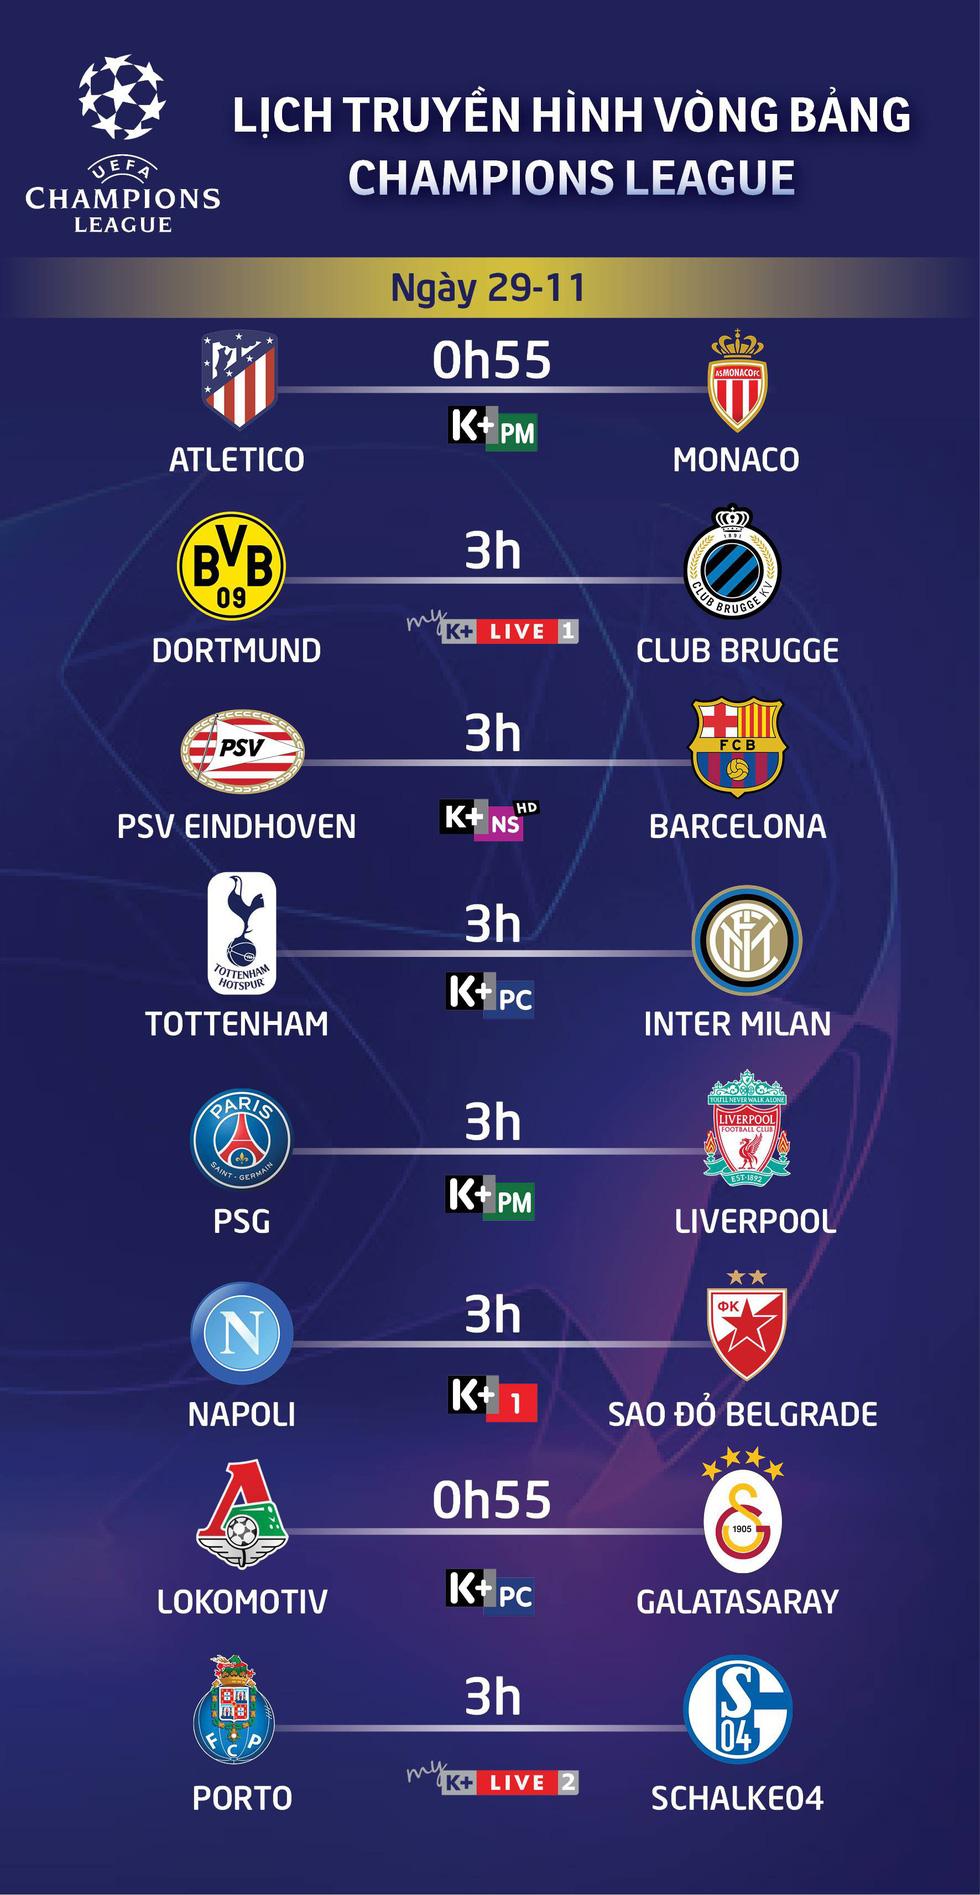 Lịch trực tiếp Champions League: Đại chiến PSG - Liverpool - Ảnh 1.